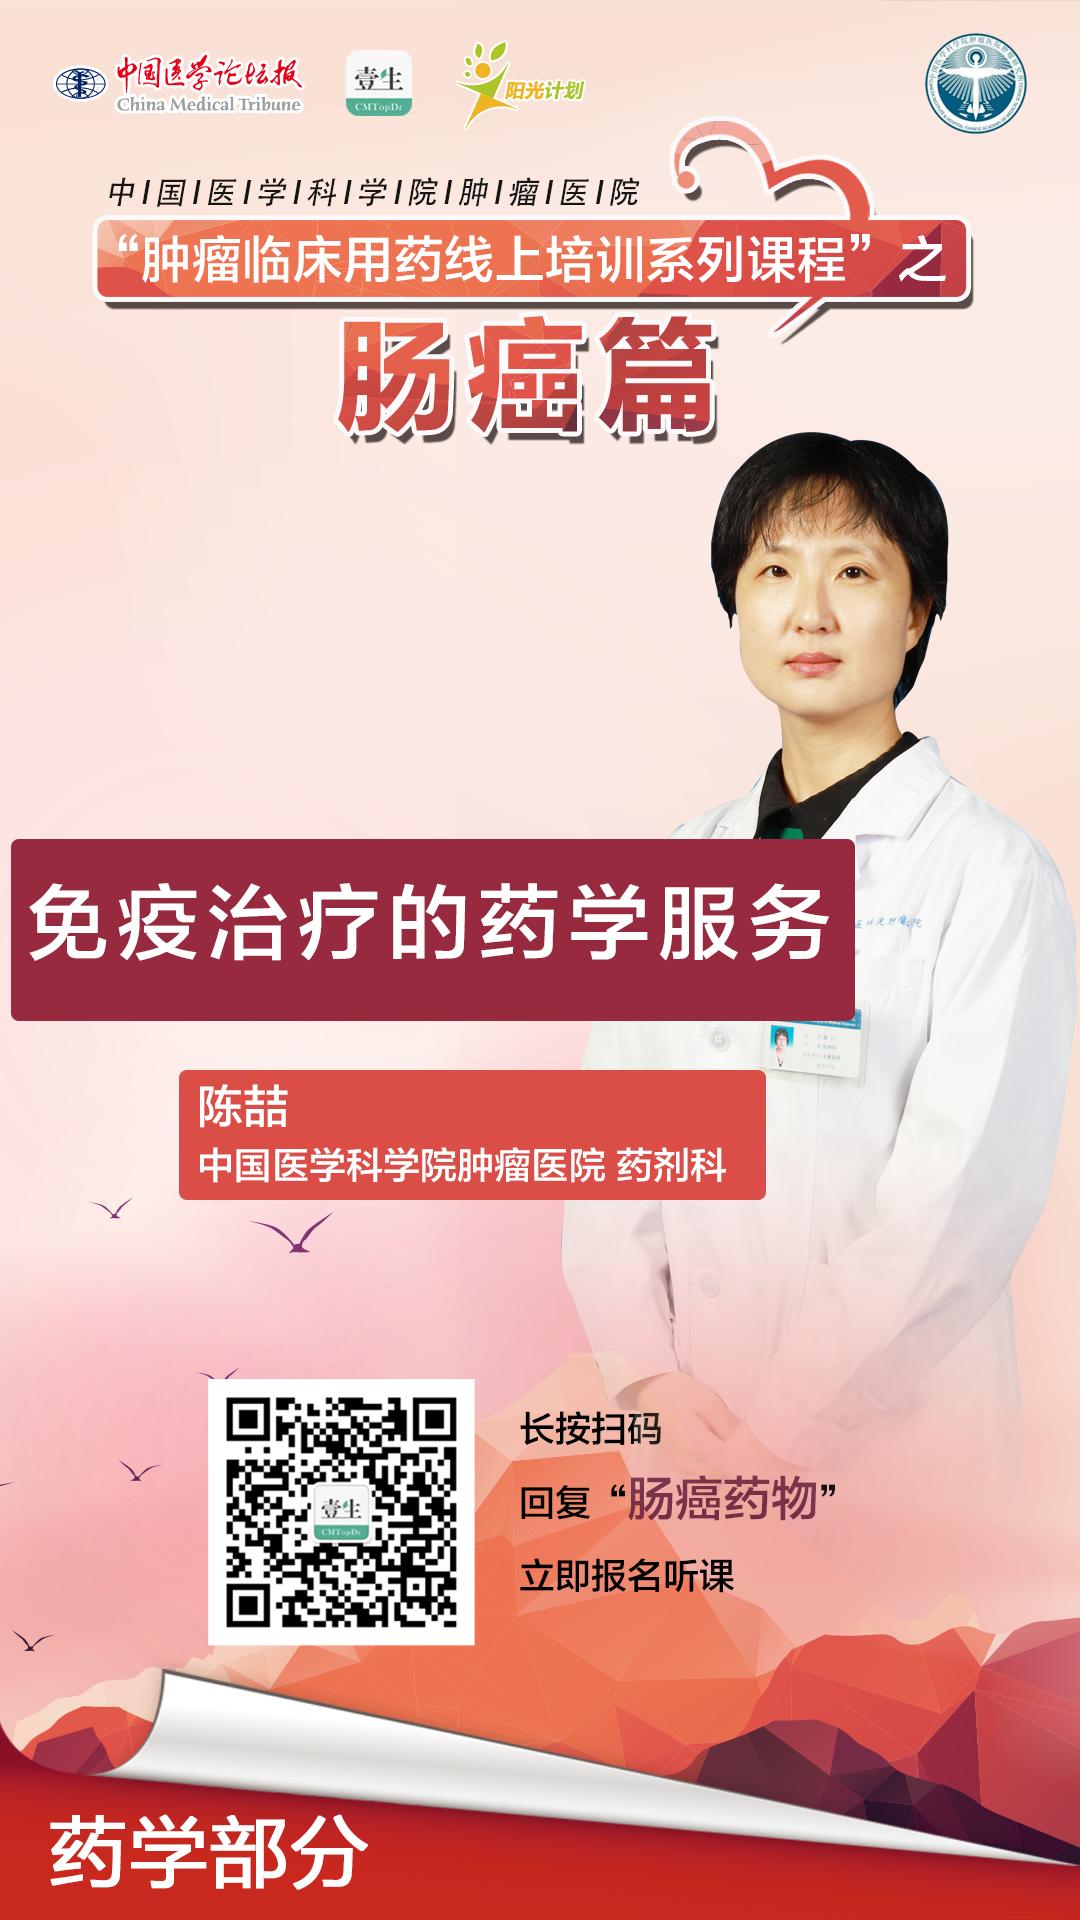 6、免疫治疗的药学服务.png